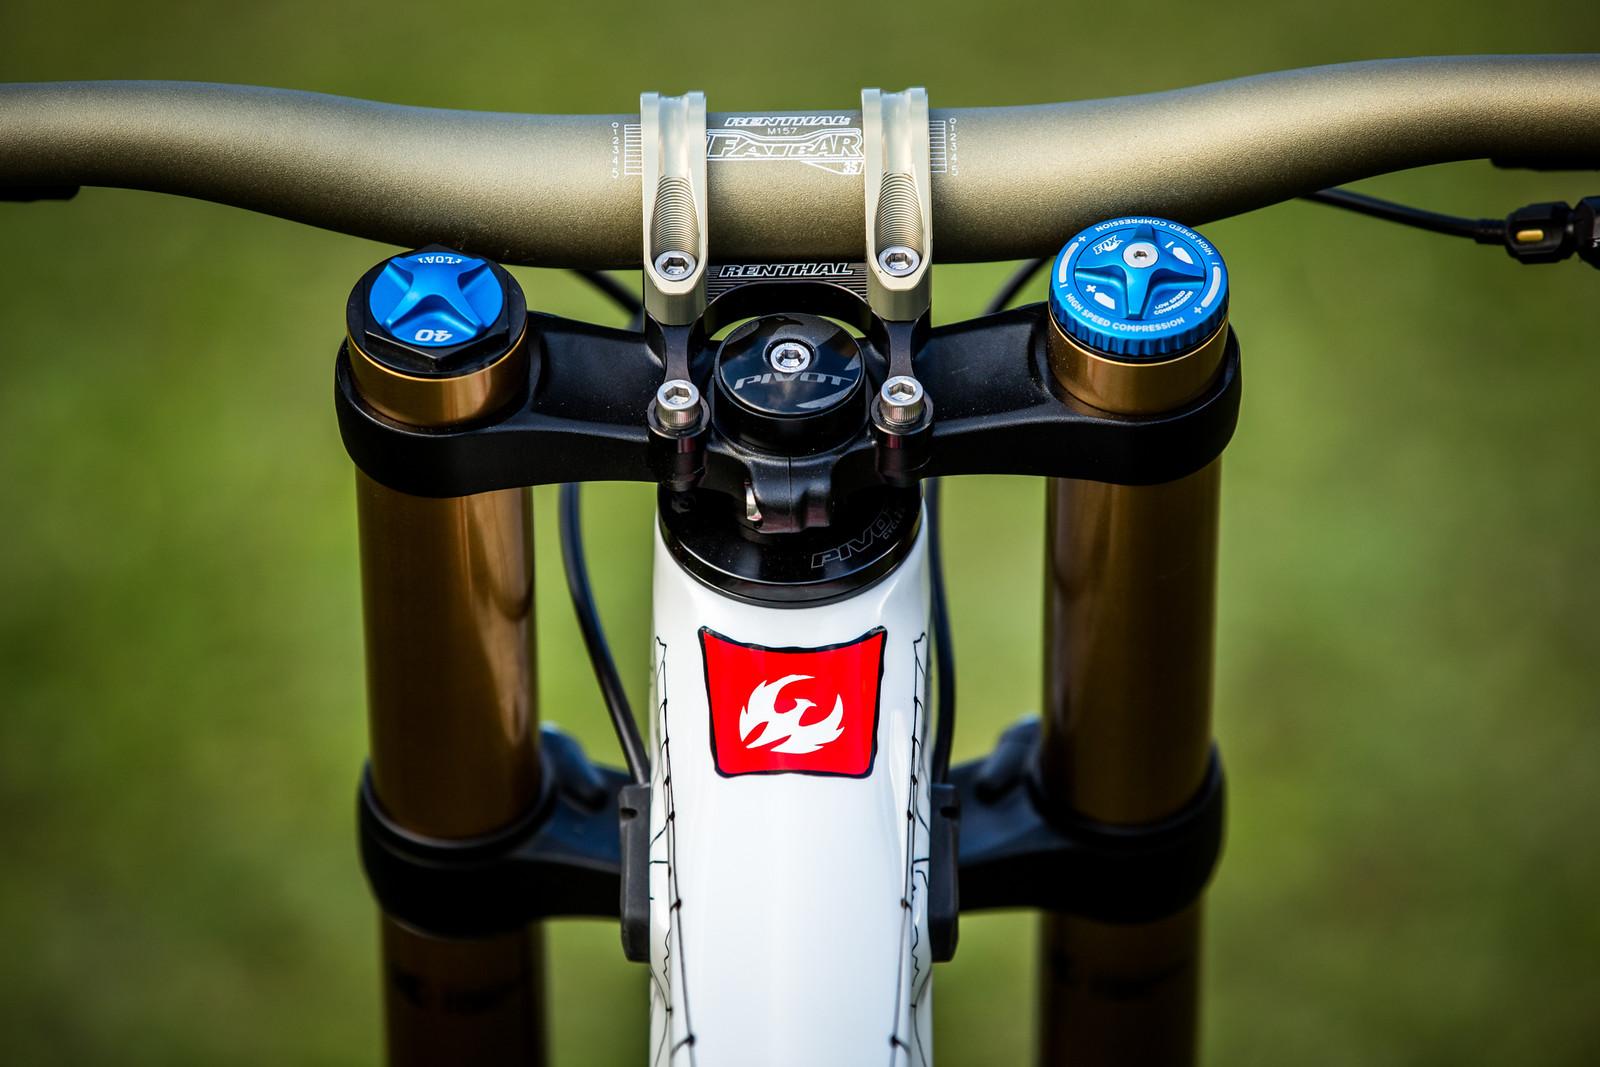 Clean Cockpit - WORLD CHAMPS BIKE - Emilie Siegenthaler's Pivot Phoenix - Mountain Biking Pictures - Vital MTB